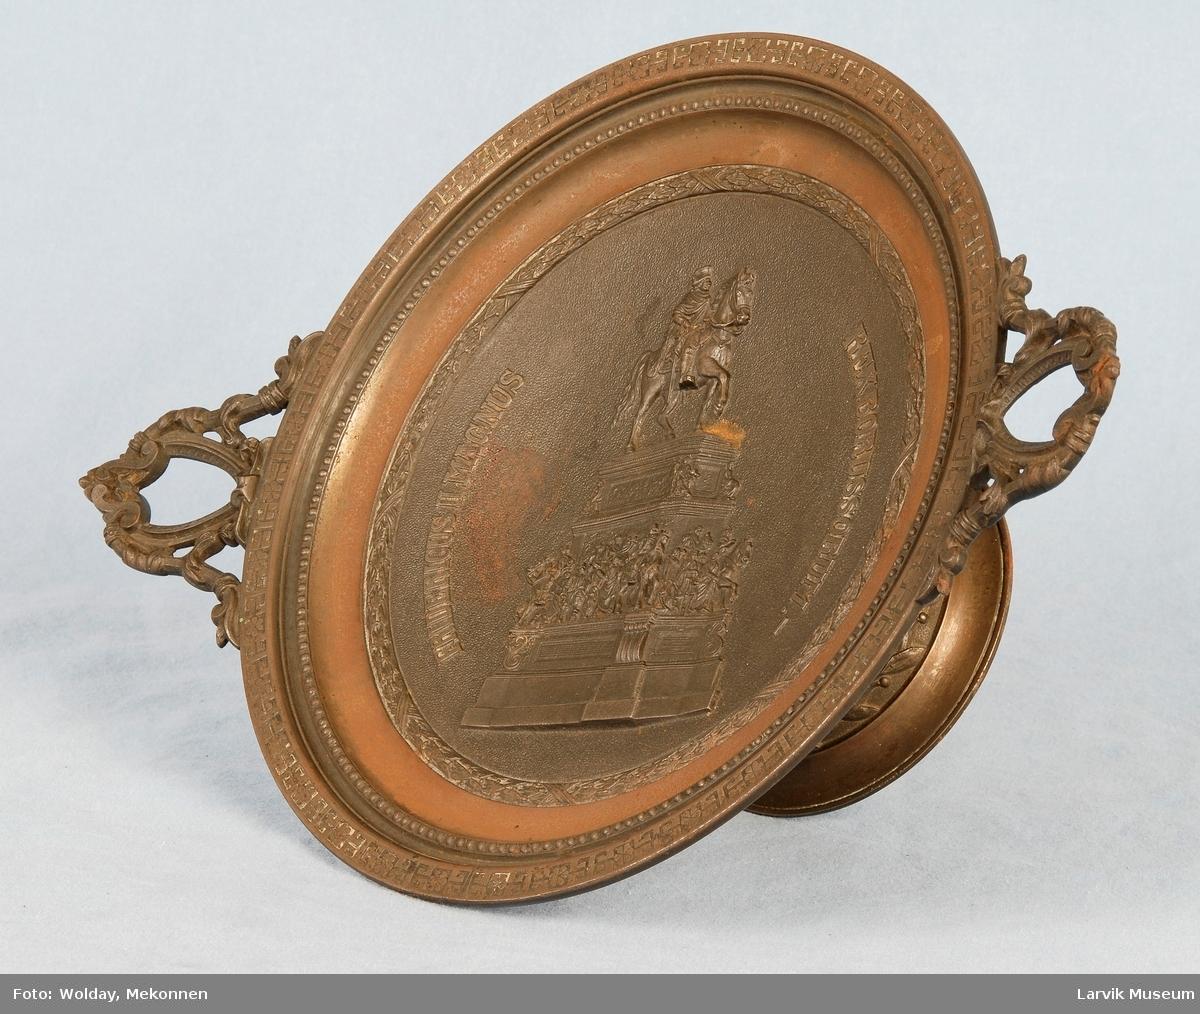 """rytterstatue + buet opphøyet tekst på hver side av hovedmotivet:""""FRIDERICUS II MAGNUS"""",(vs);""""REX BORUSSORUM.-"""",(hs). tre kantinger rundt hovedmotivet:innerst rundt hovedmotivet en (laurbær-)krans, videre utover en med perlestav og ytterst en med regelmessig gjentatte geometriske mønstre. fint dekorerte hanker, åpningen i midten av disse har form av et skjold. bladbord på foten av fatet rundt stet"""